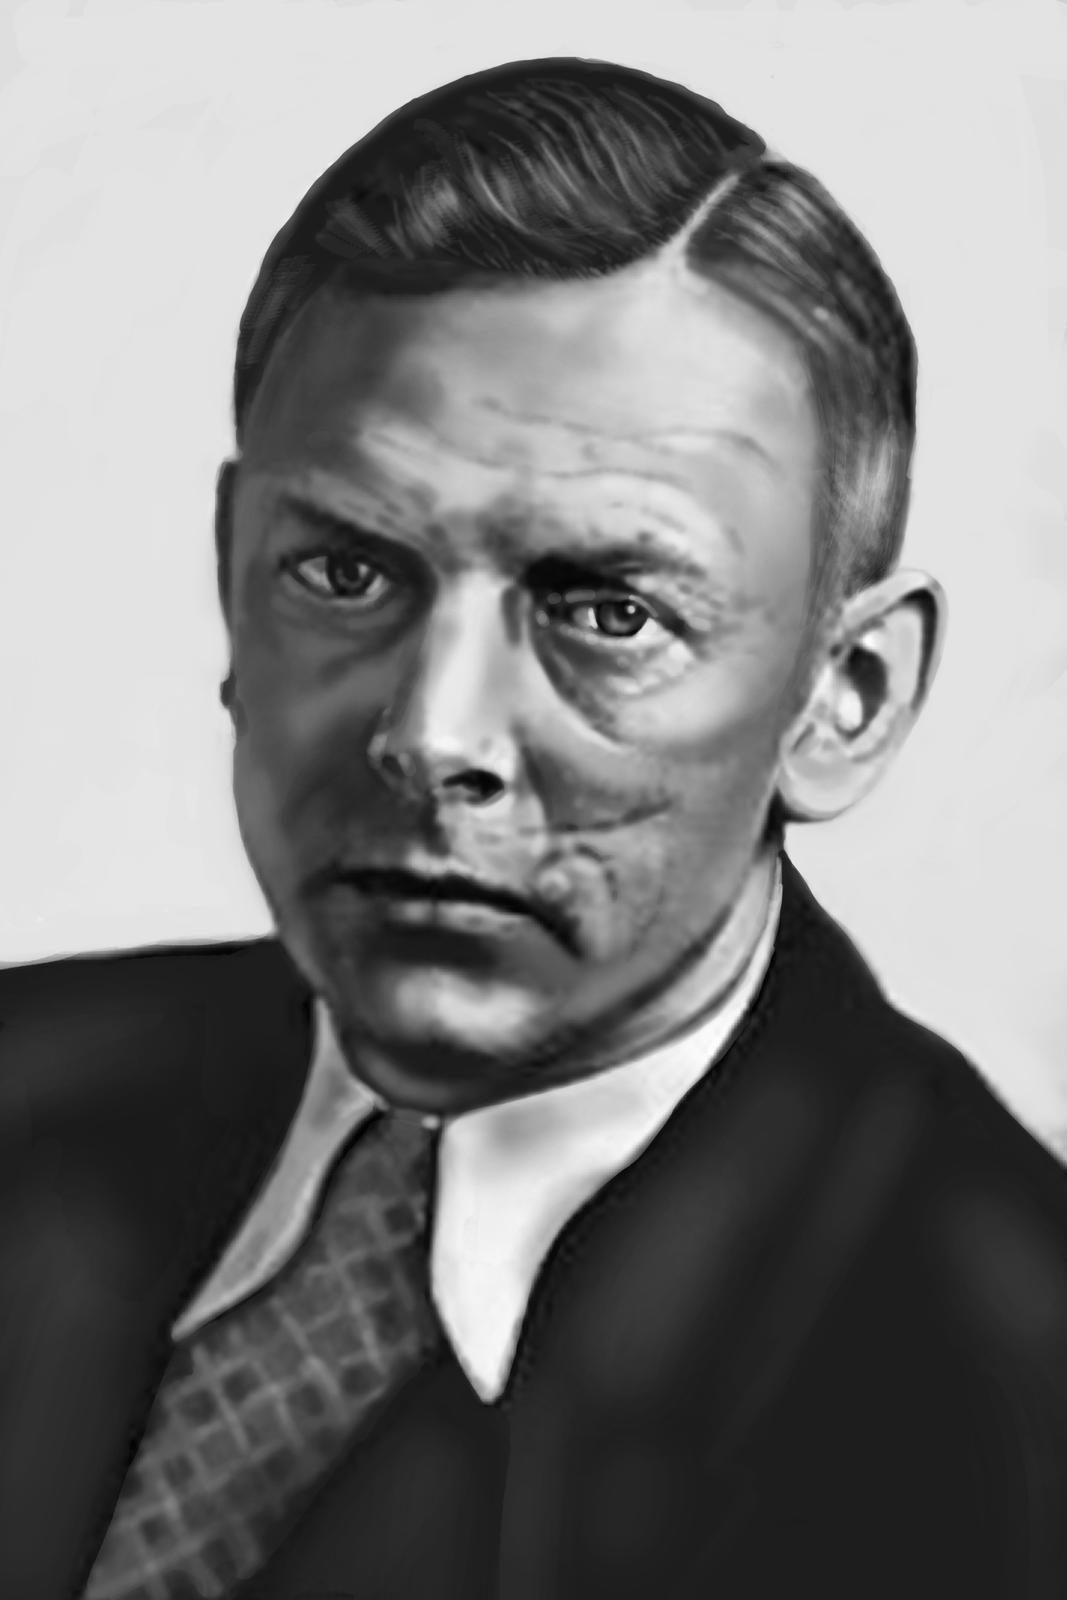 Czarnobiałe malowidło wykonane na bazie fotografii Adolfa Butenandta